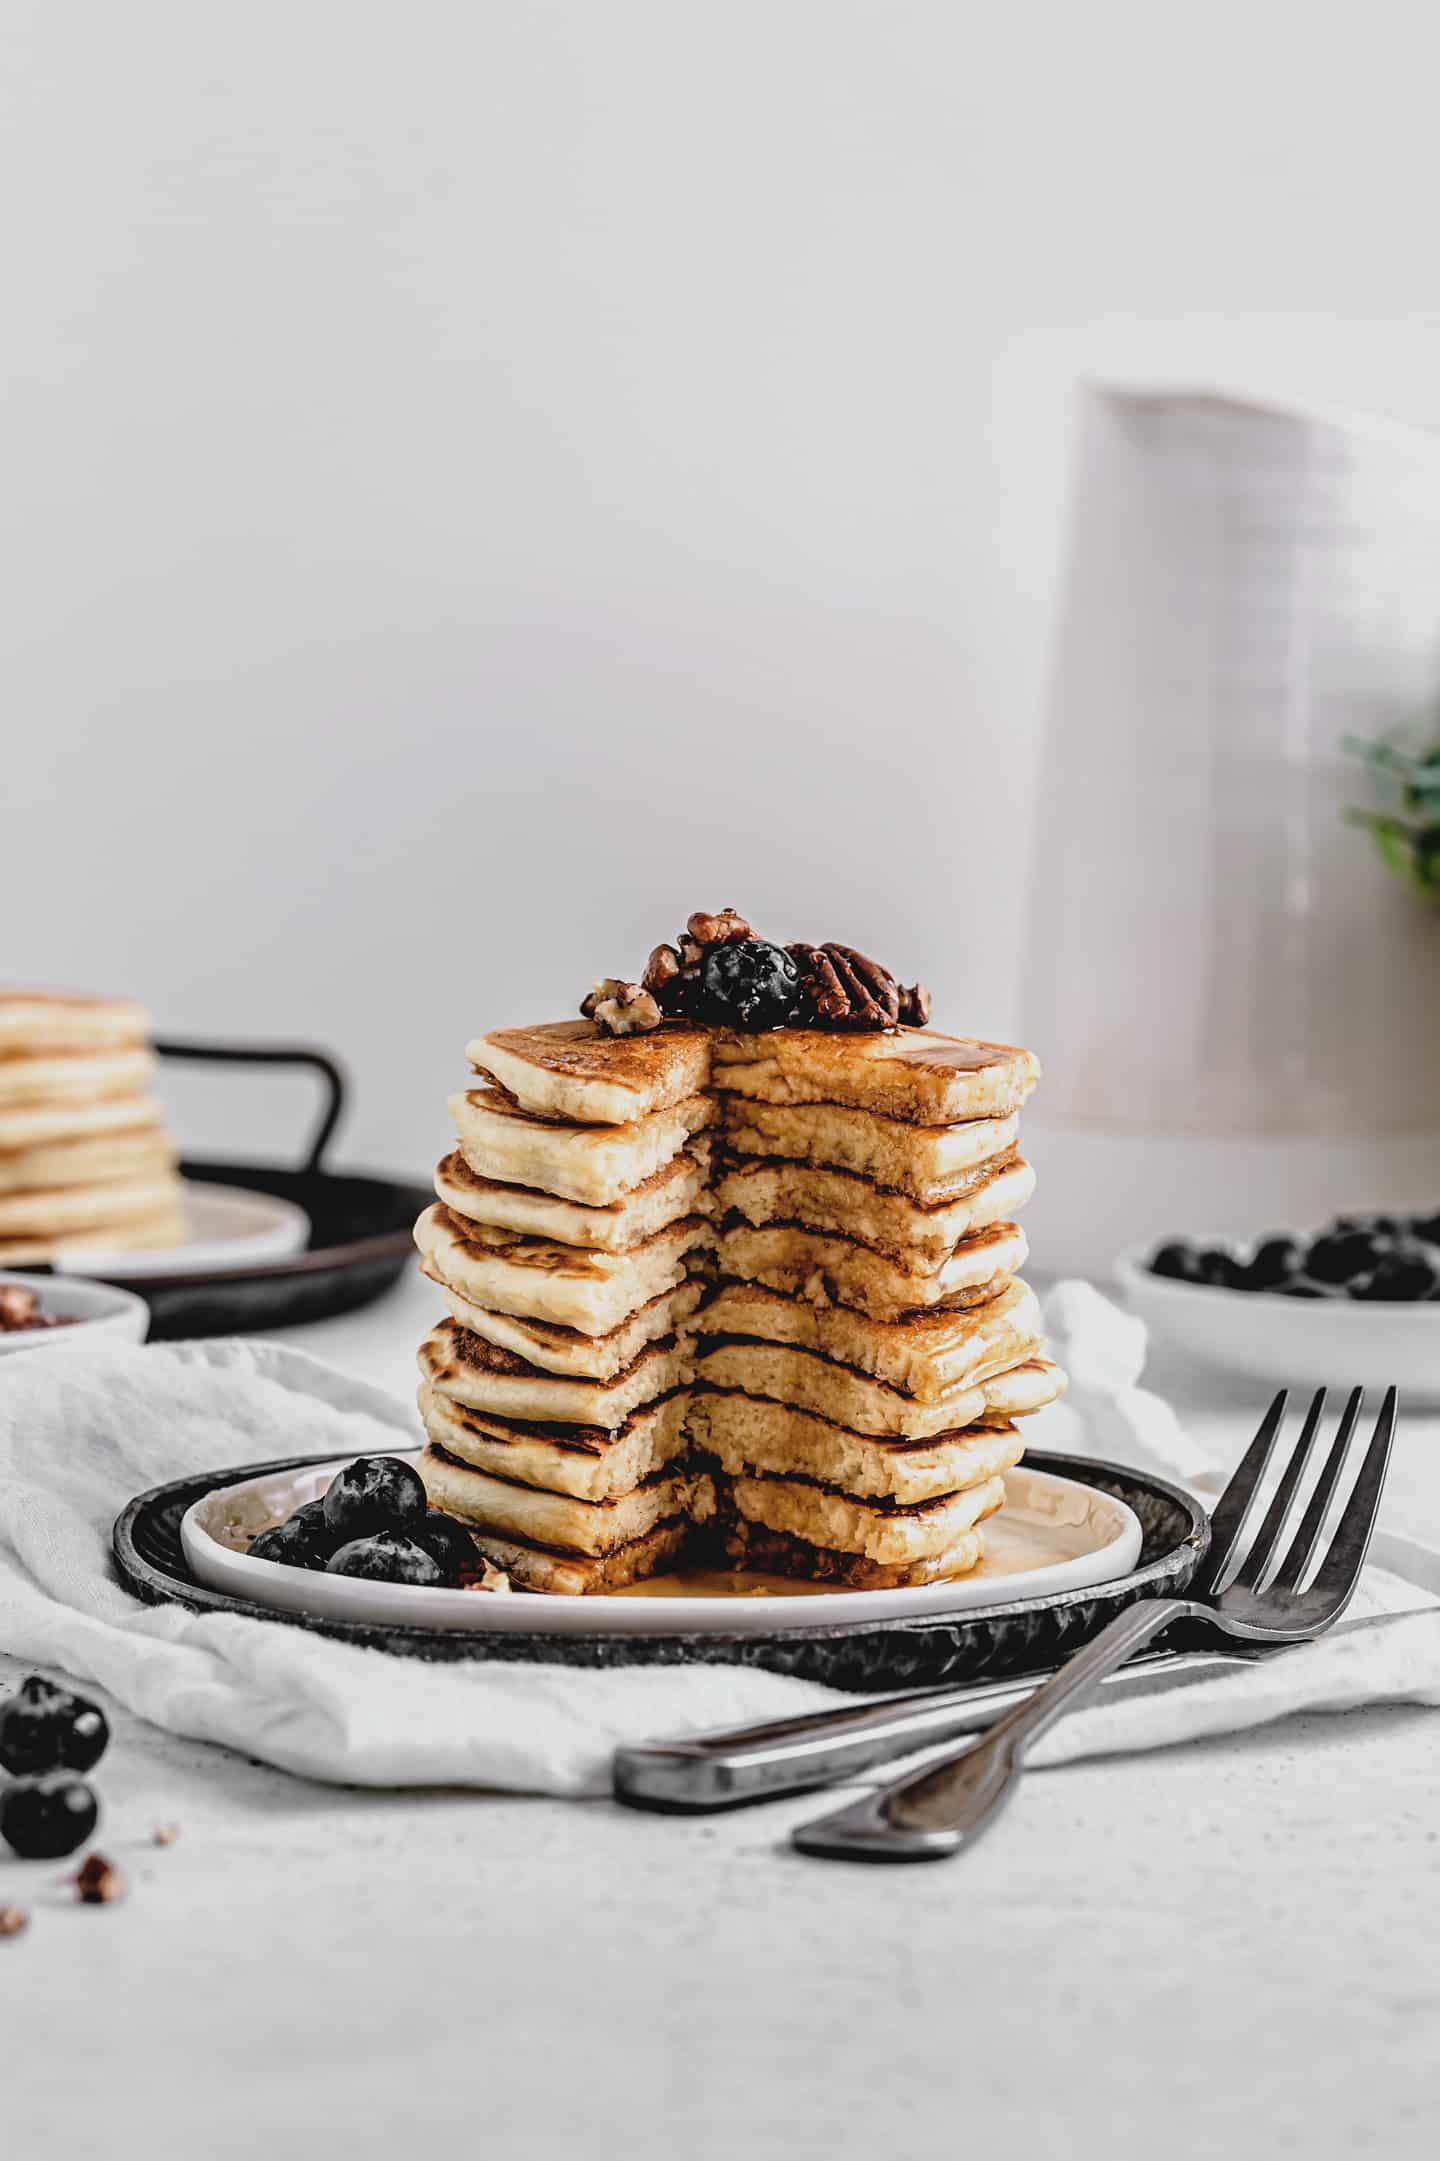 Gourmet buttermilk pancakes